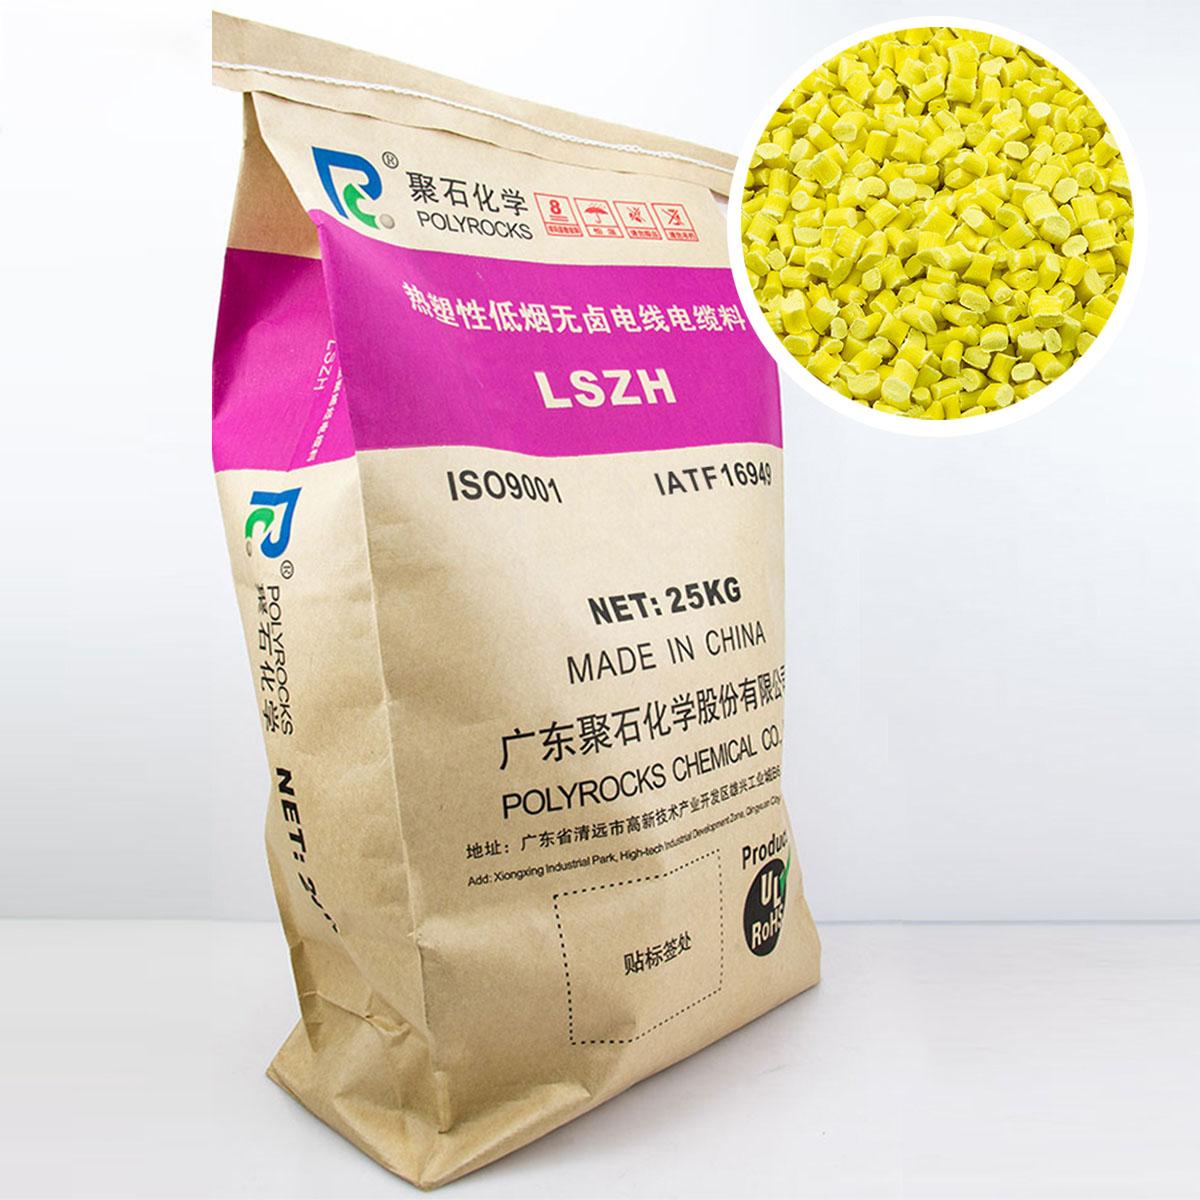 LSZH(黄色粒子)